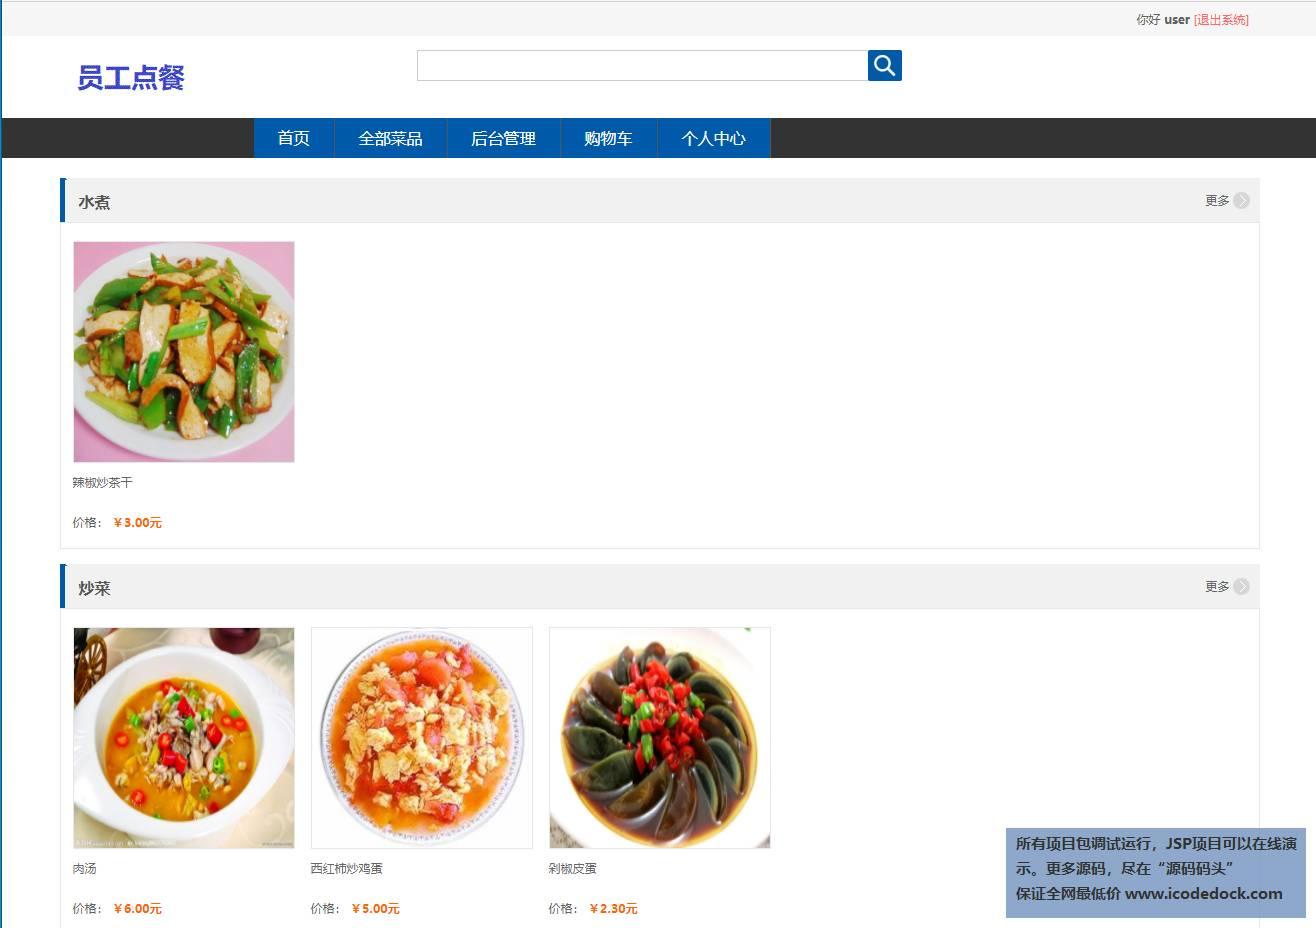 基于jsp+mysql+Spring+mybatis的SSM在线员工订餐网站平台eclipse源码代码 - 源码码头